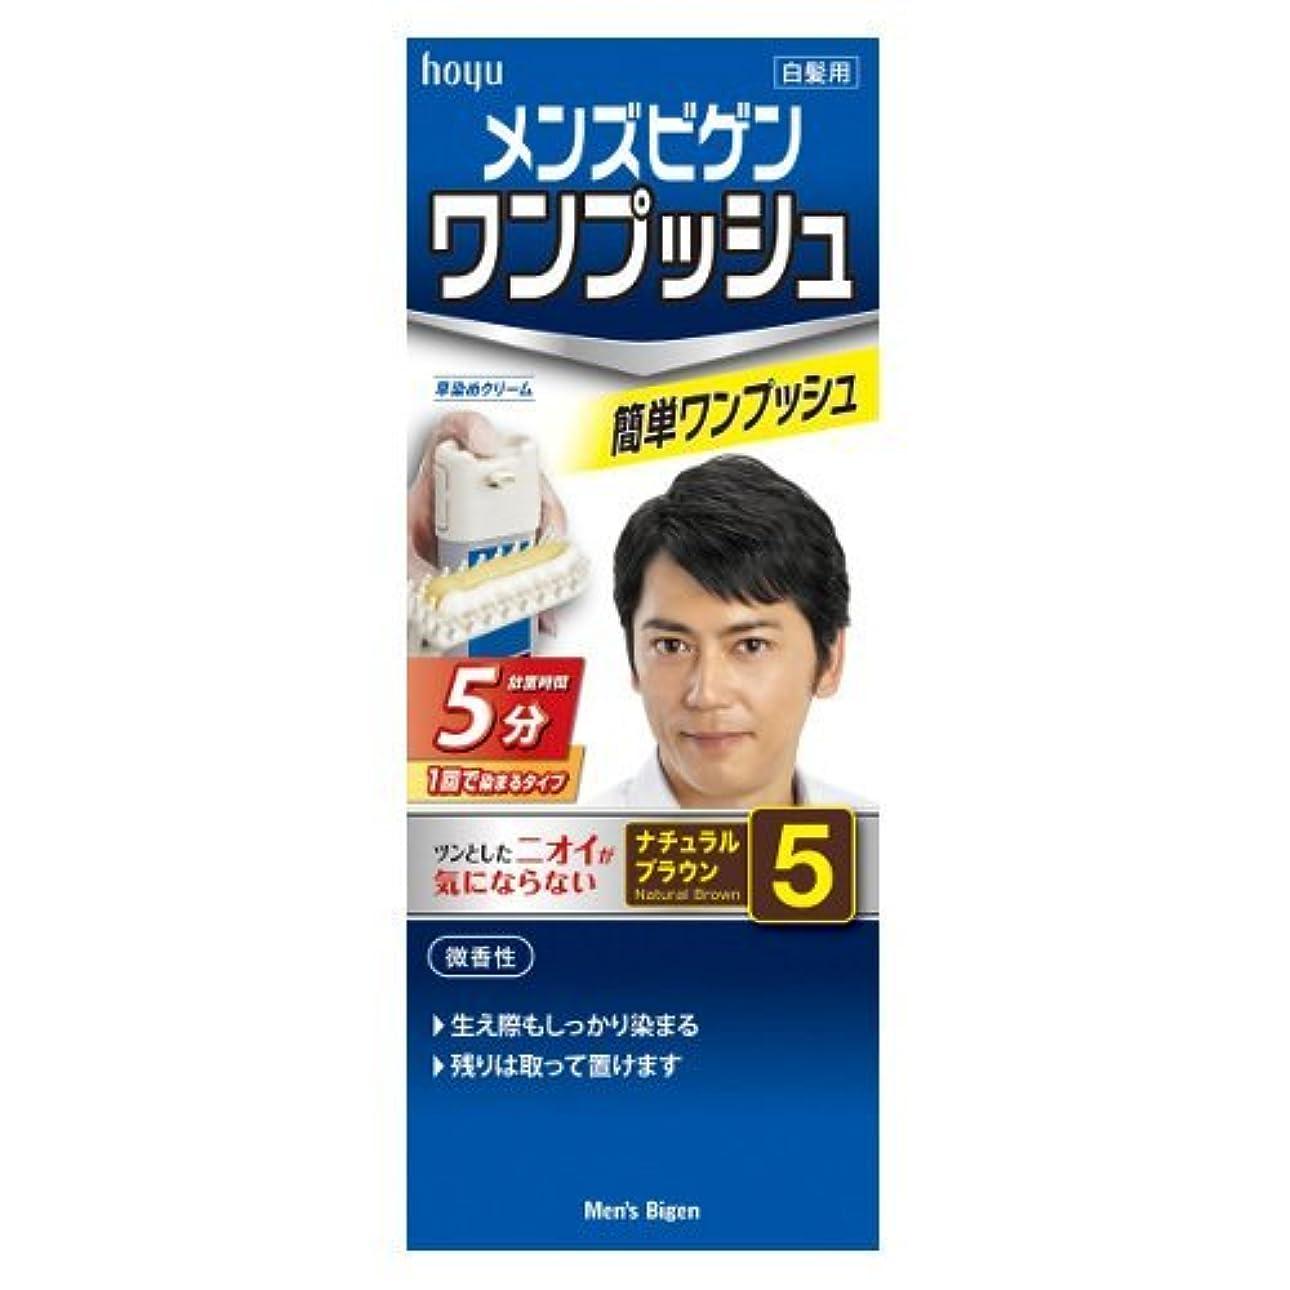 勝者伝記いつメンズビゲン ワンプッシュ 5 ナチュラルブラウン 40g+40g[医薬部外品]